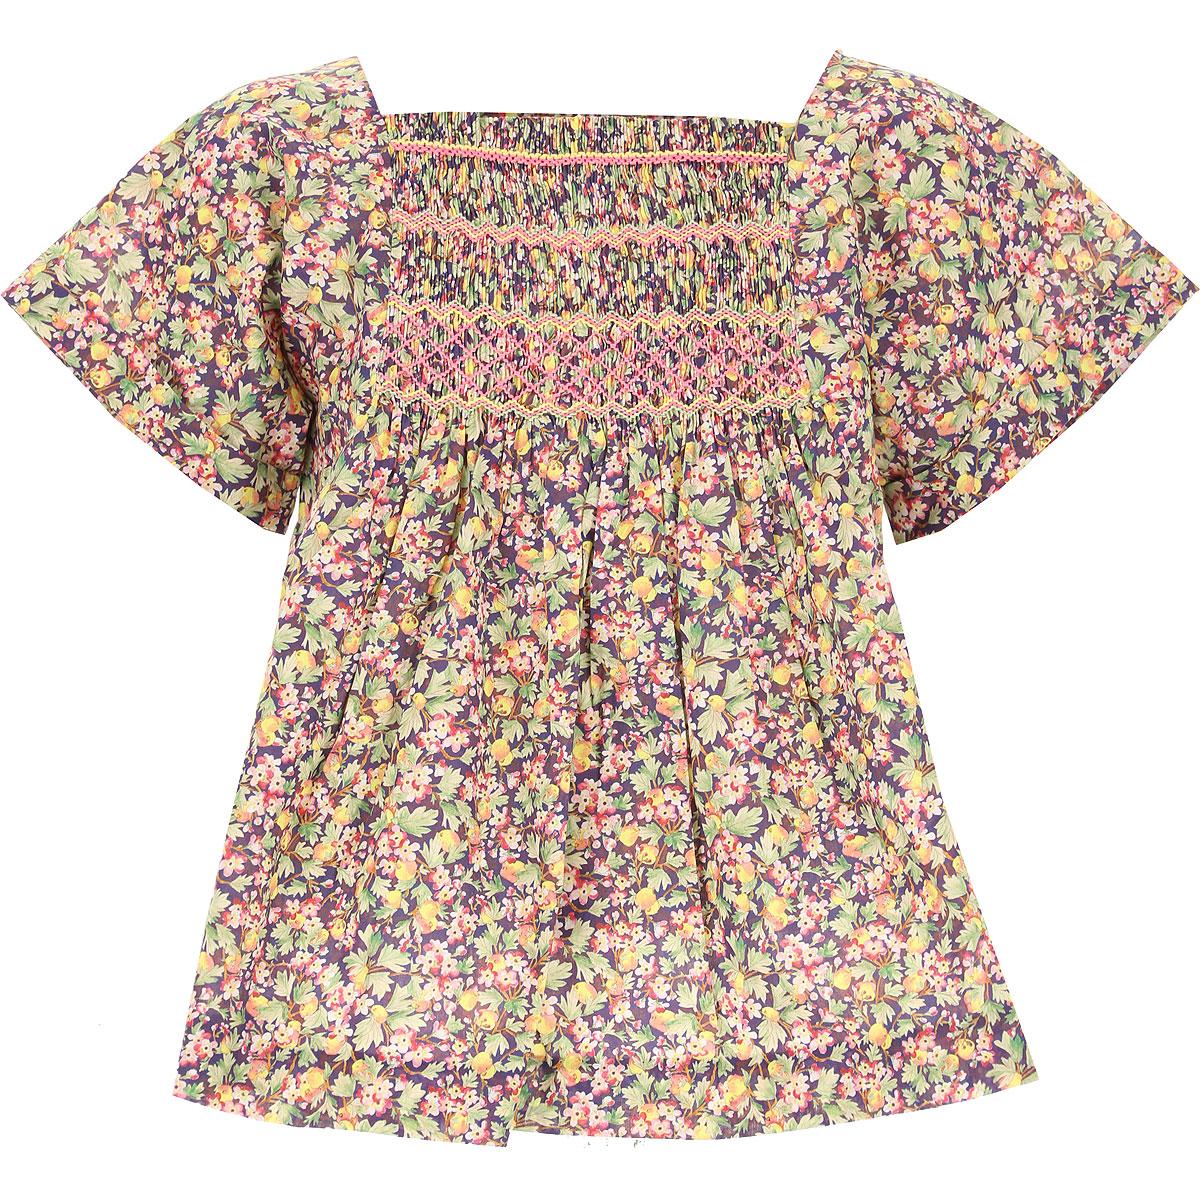 Bonpoint Chemises Enfant pour Fille Pas cher en Soldes, Multicolore, Coton, 2019, 4Y 8Y